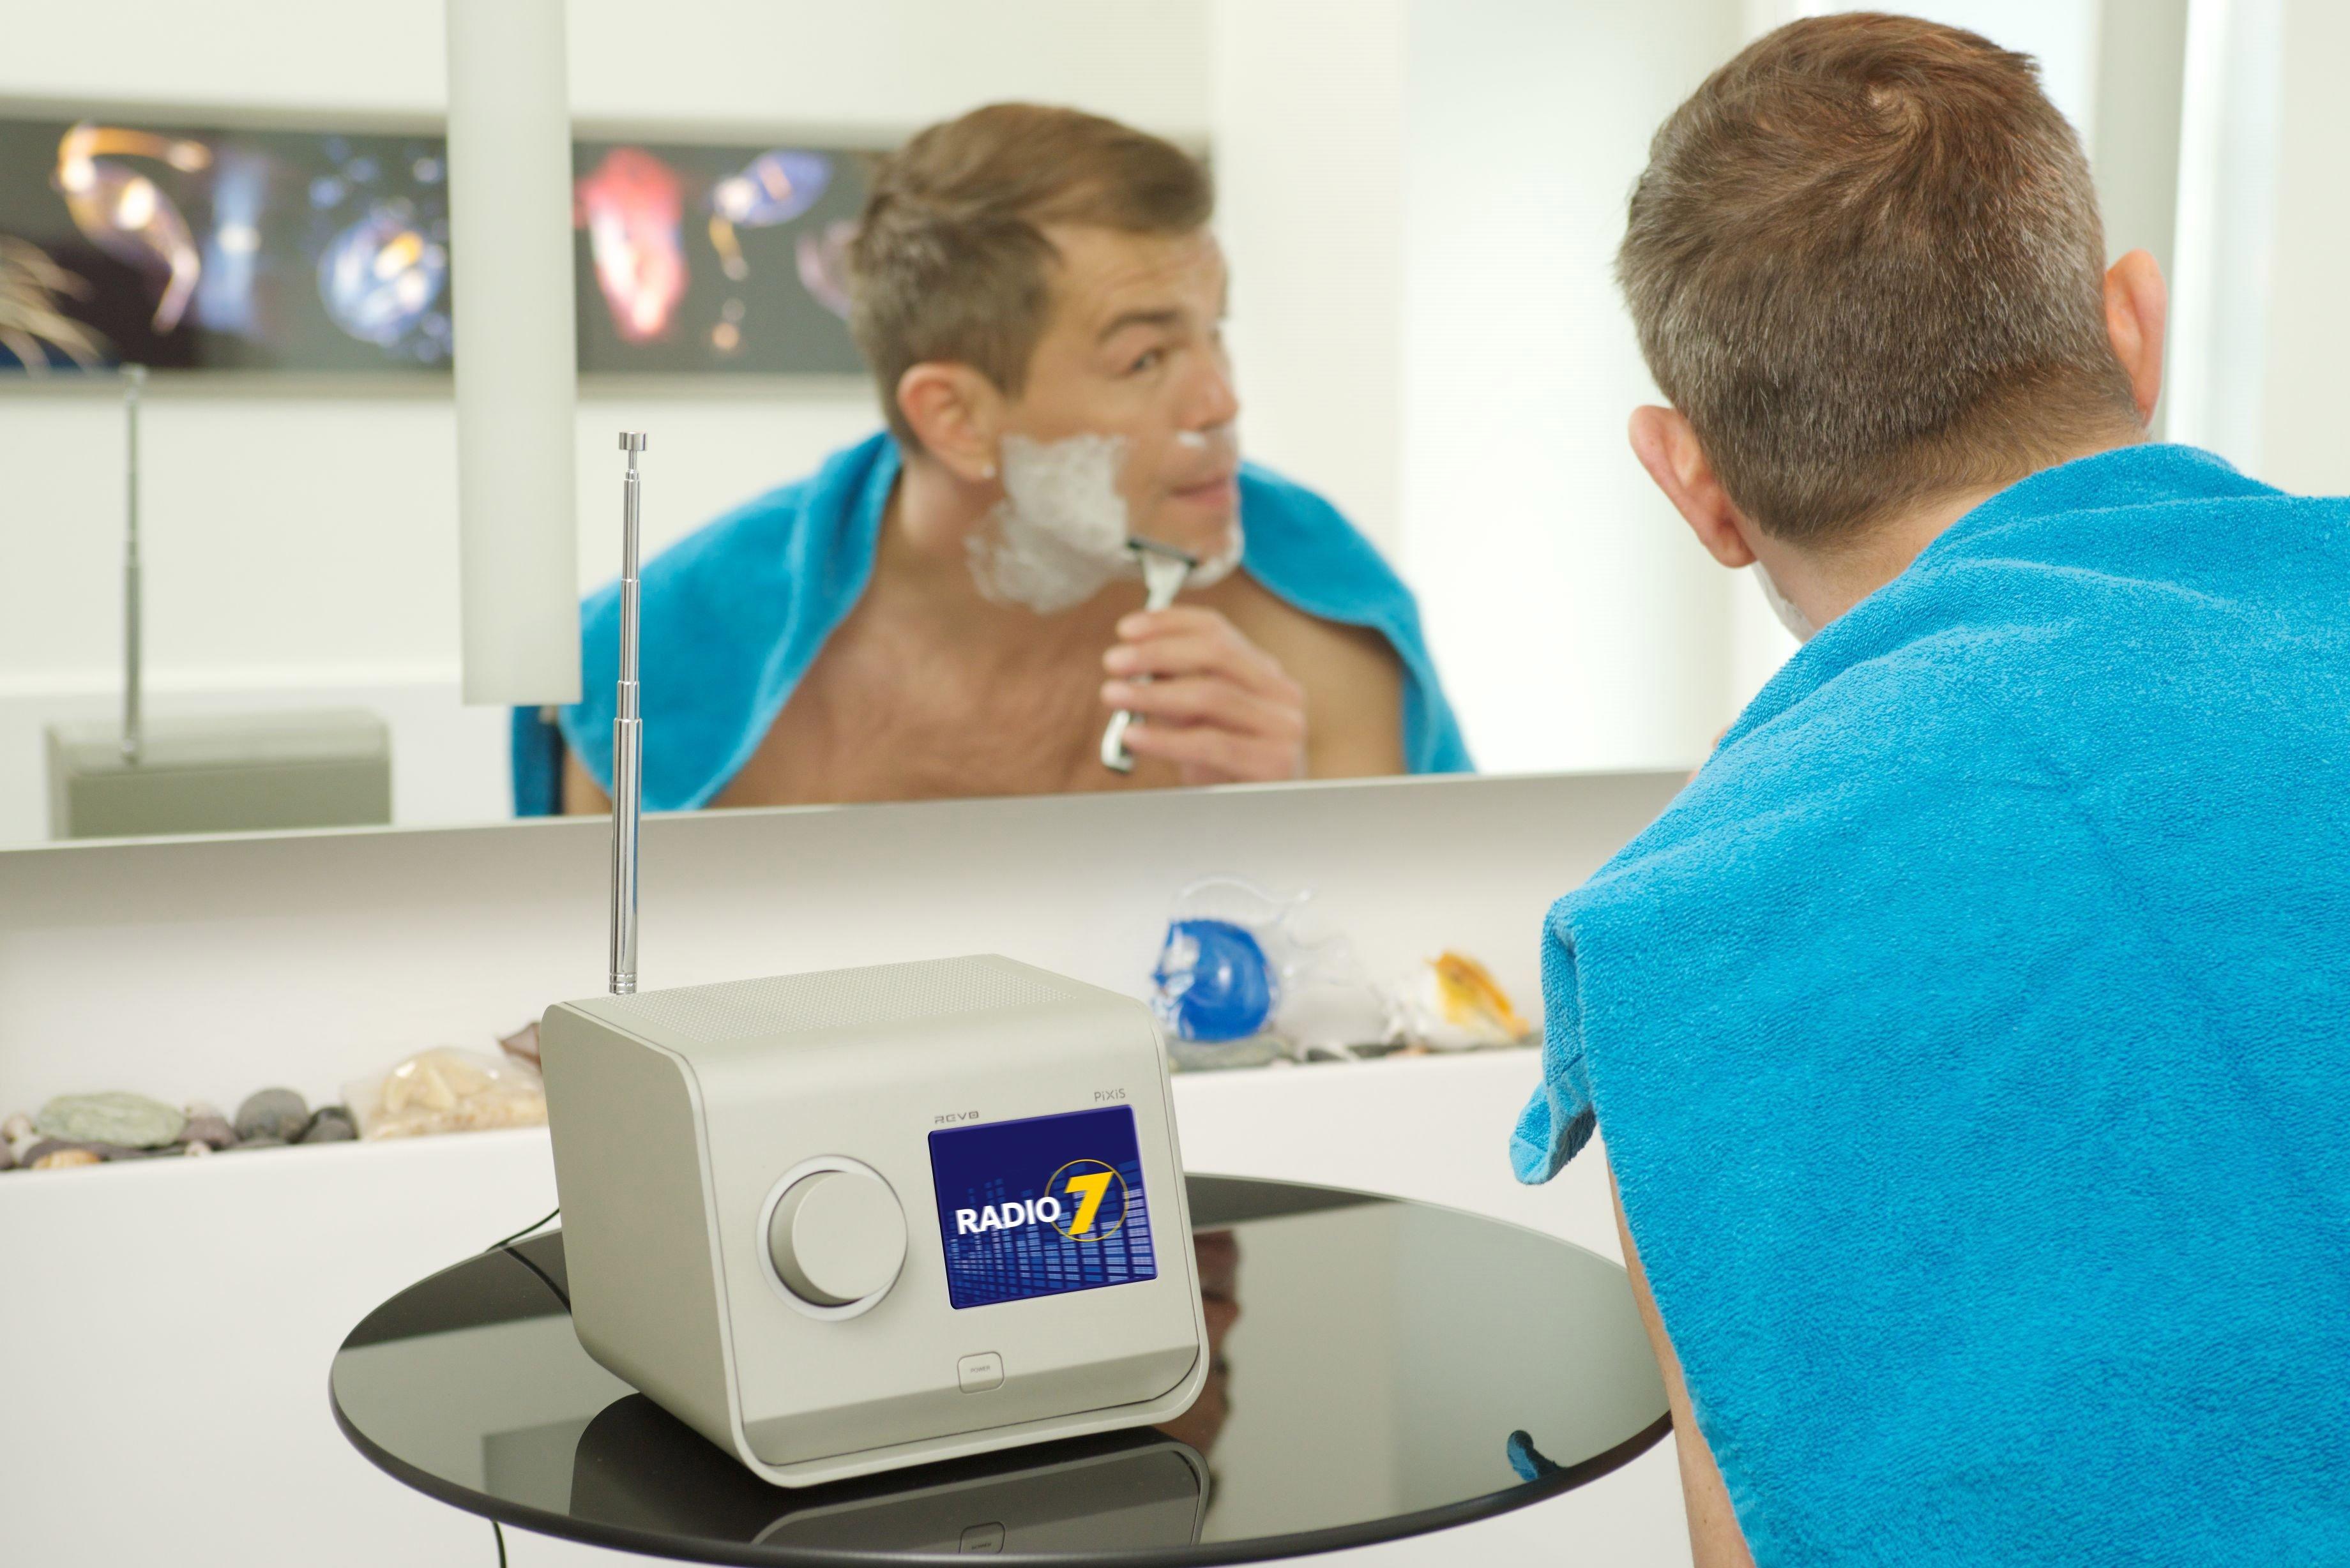 Radio 7 Digital Mann beim Rasieren